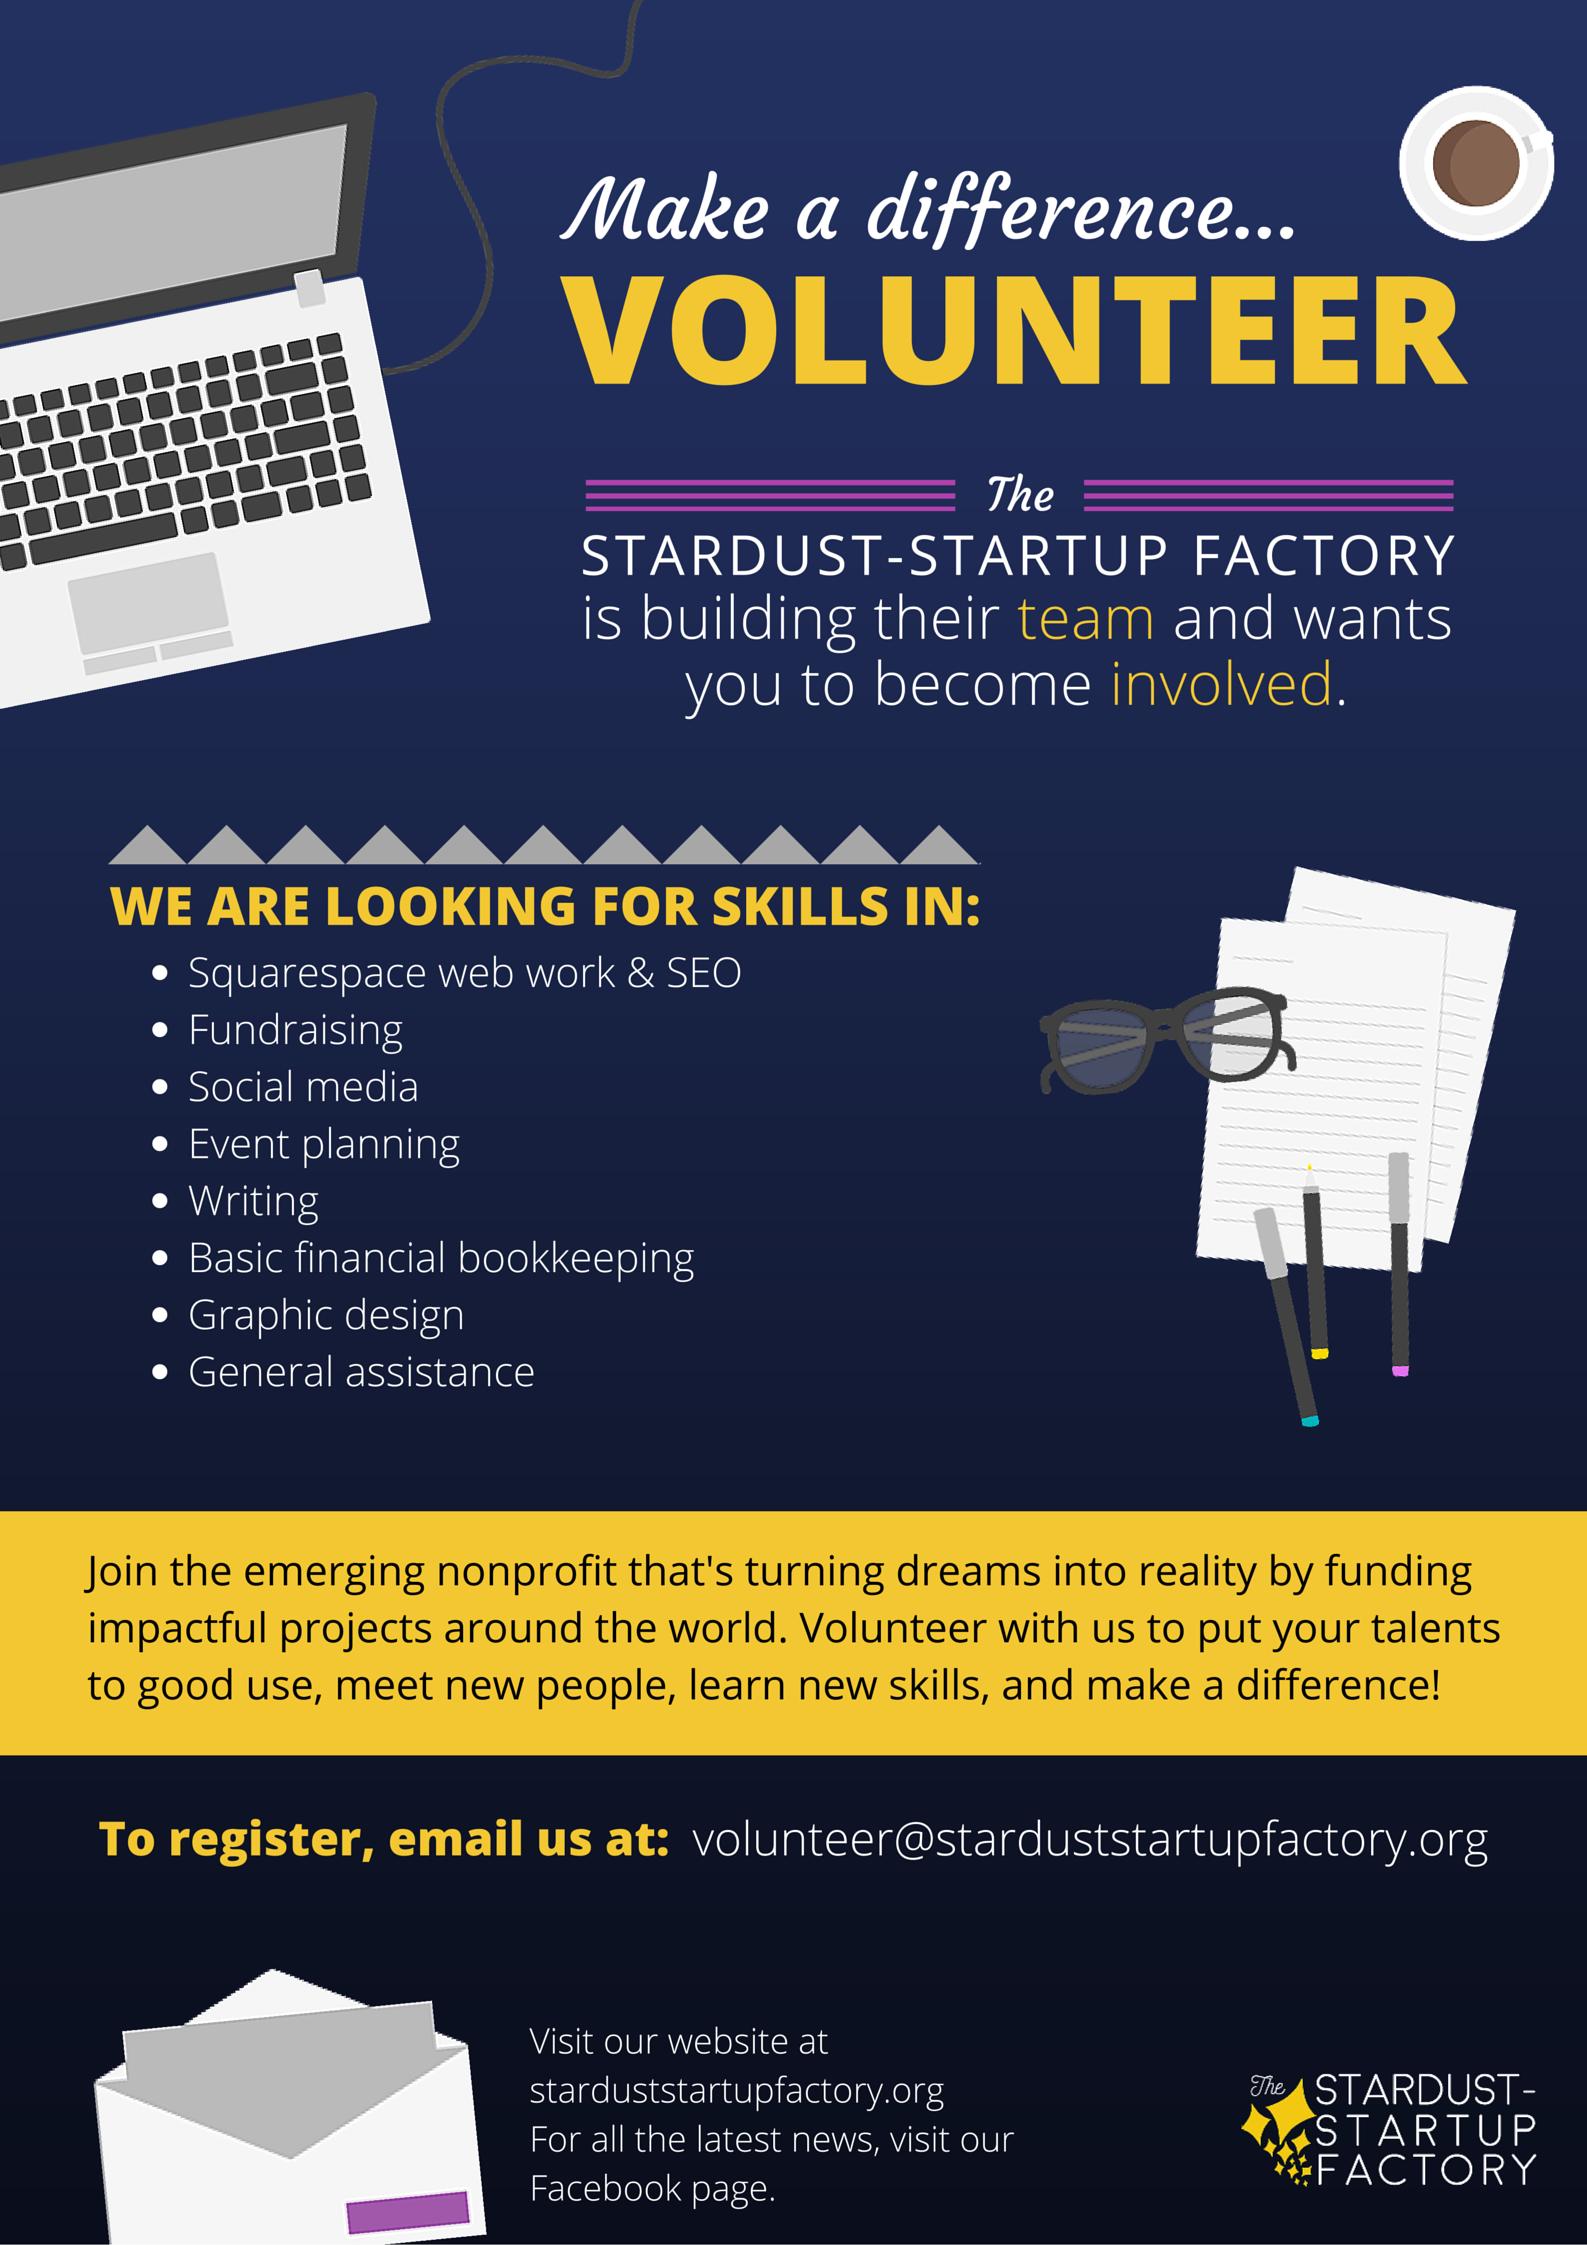 Volunteer Stardust-Startup Factory